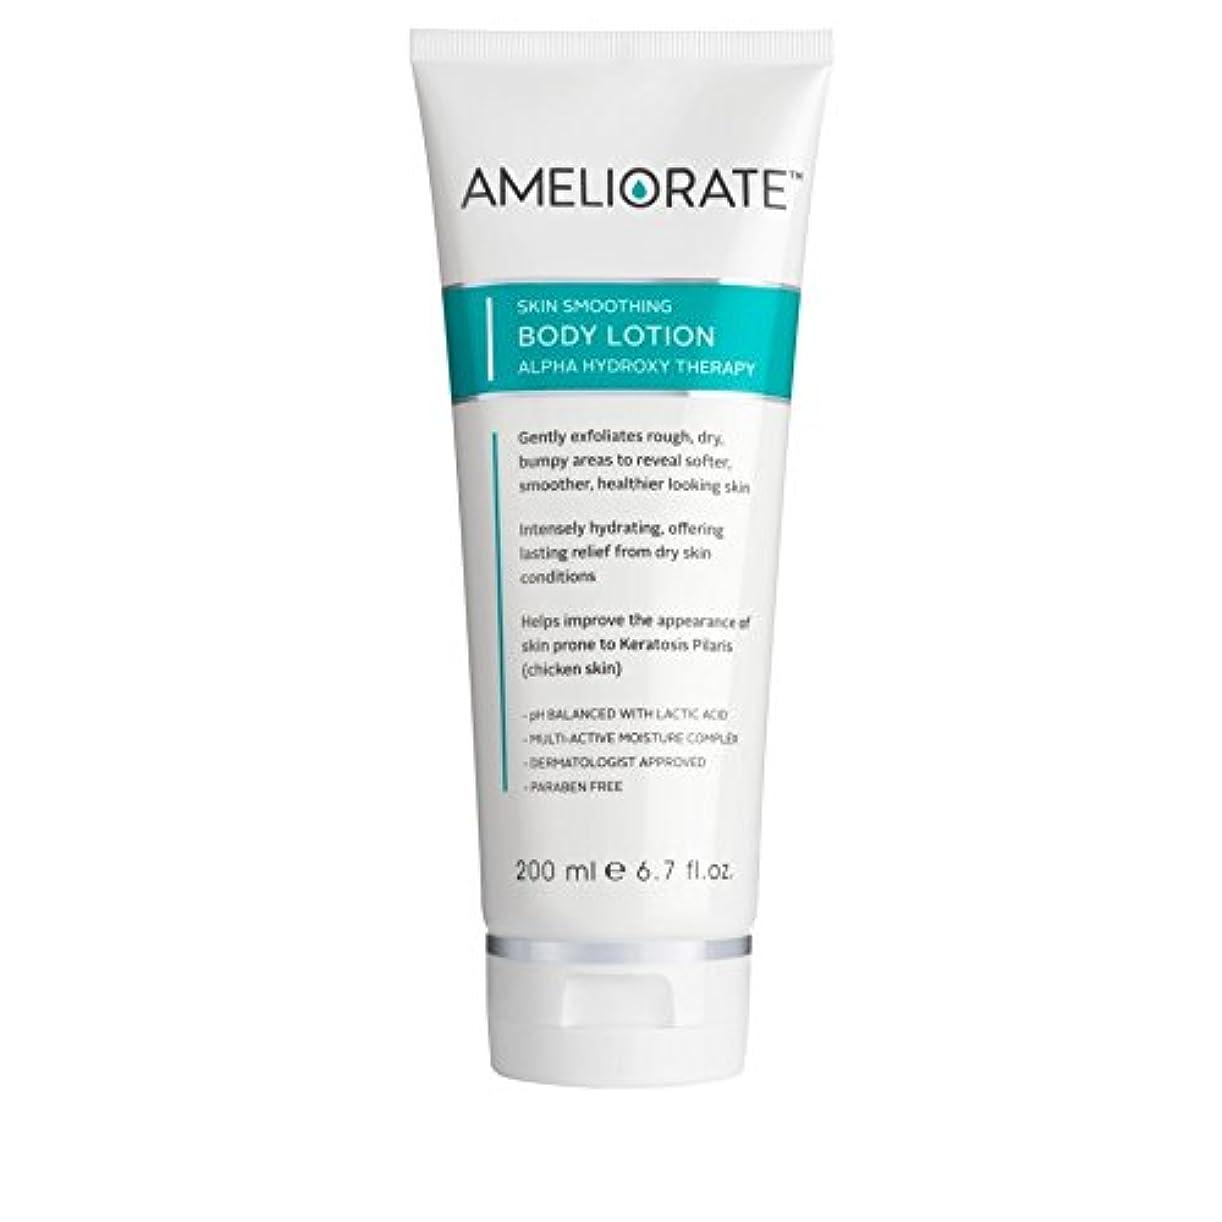 放つ振りかける法廷Ameliorate Skin Smoothing Body Lotion 200ml (Pack of 6) - ボディローション200ミリリットルを滑らかに肌を改善 x6 [並行輸入品]